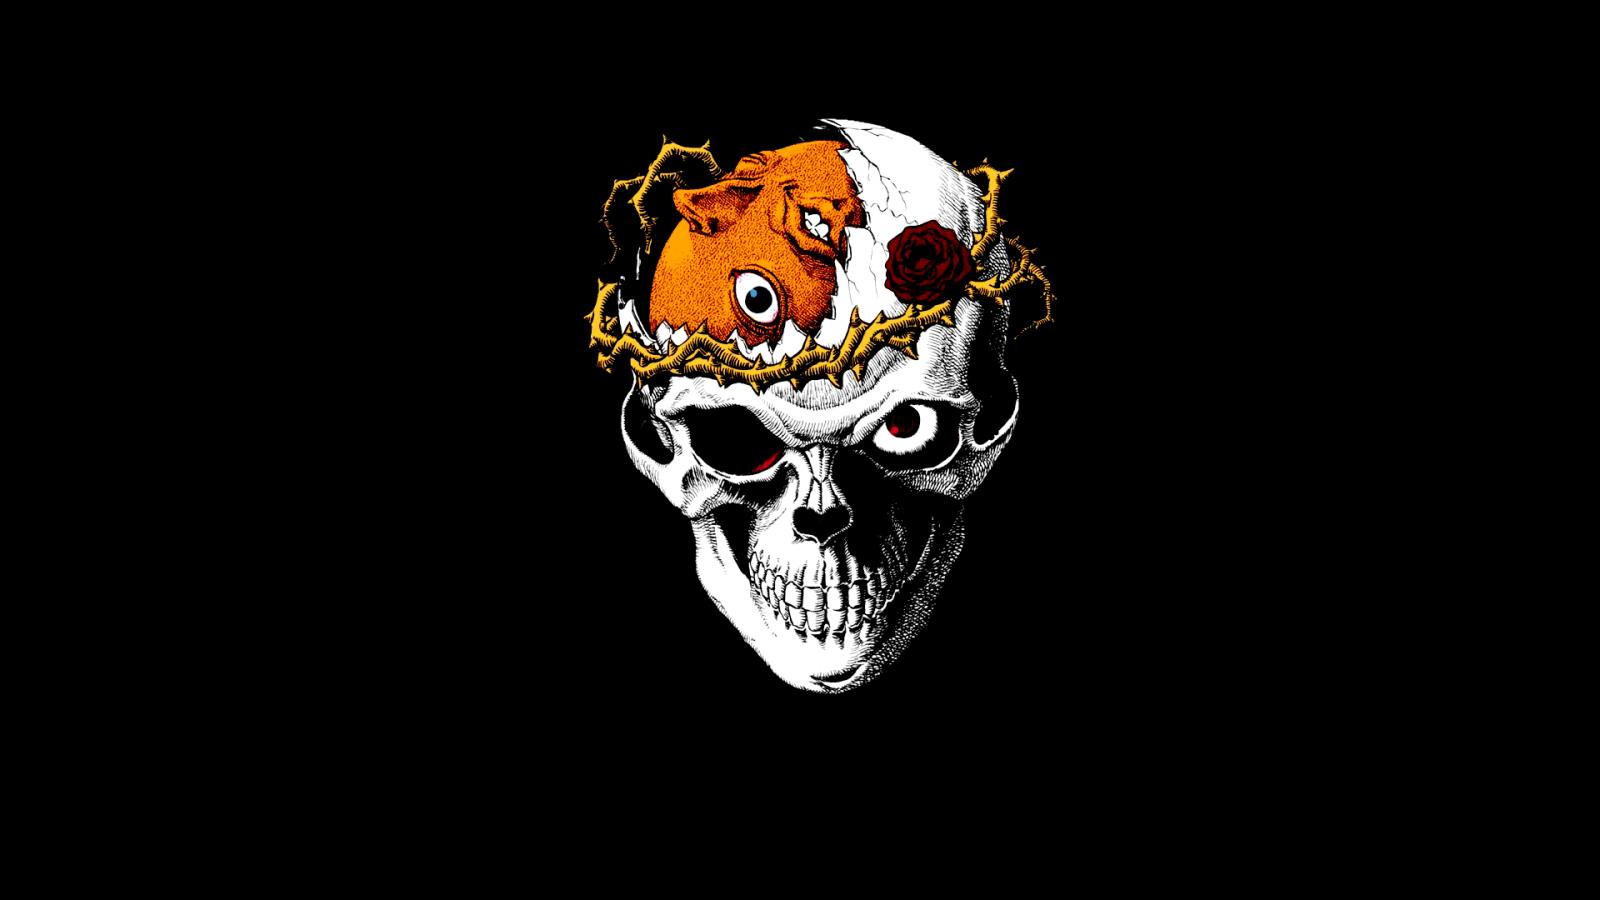 Wallpaper : illustration, cartoon, Berserk, skull, Kentaro ...